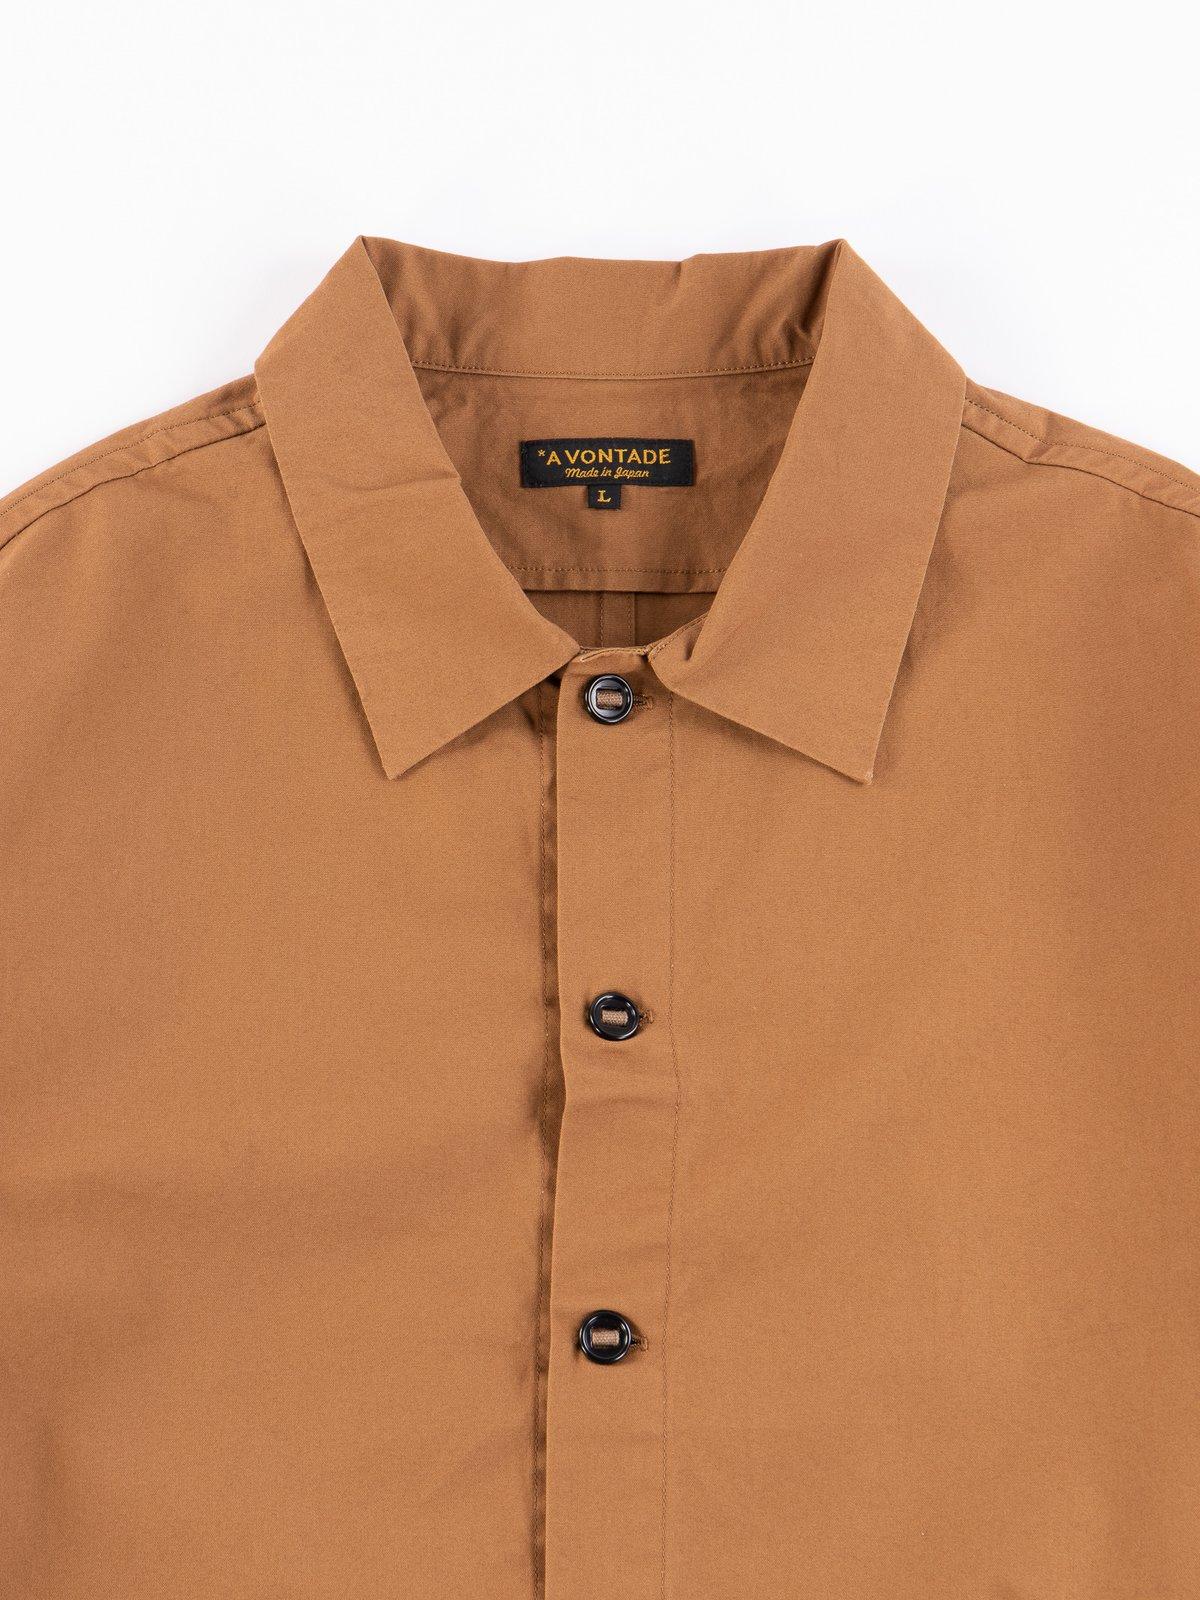 Tan Gardener Oxford Shirt Jacket - Image 3